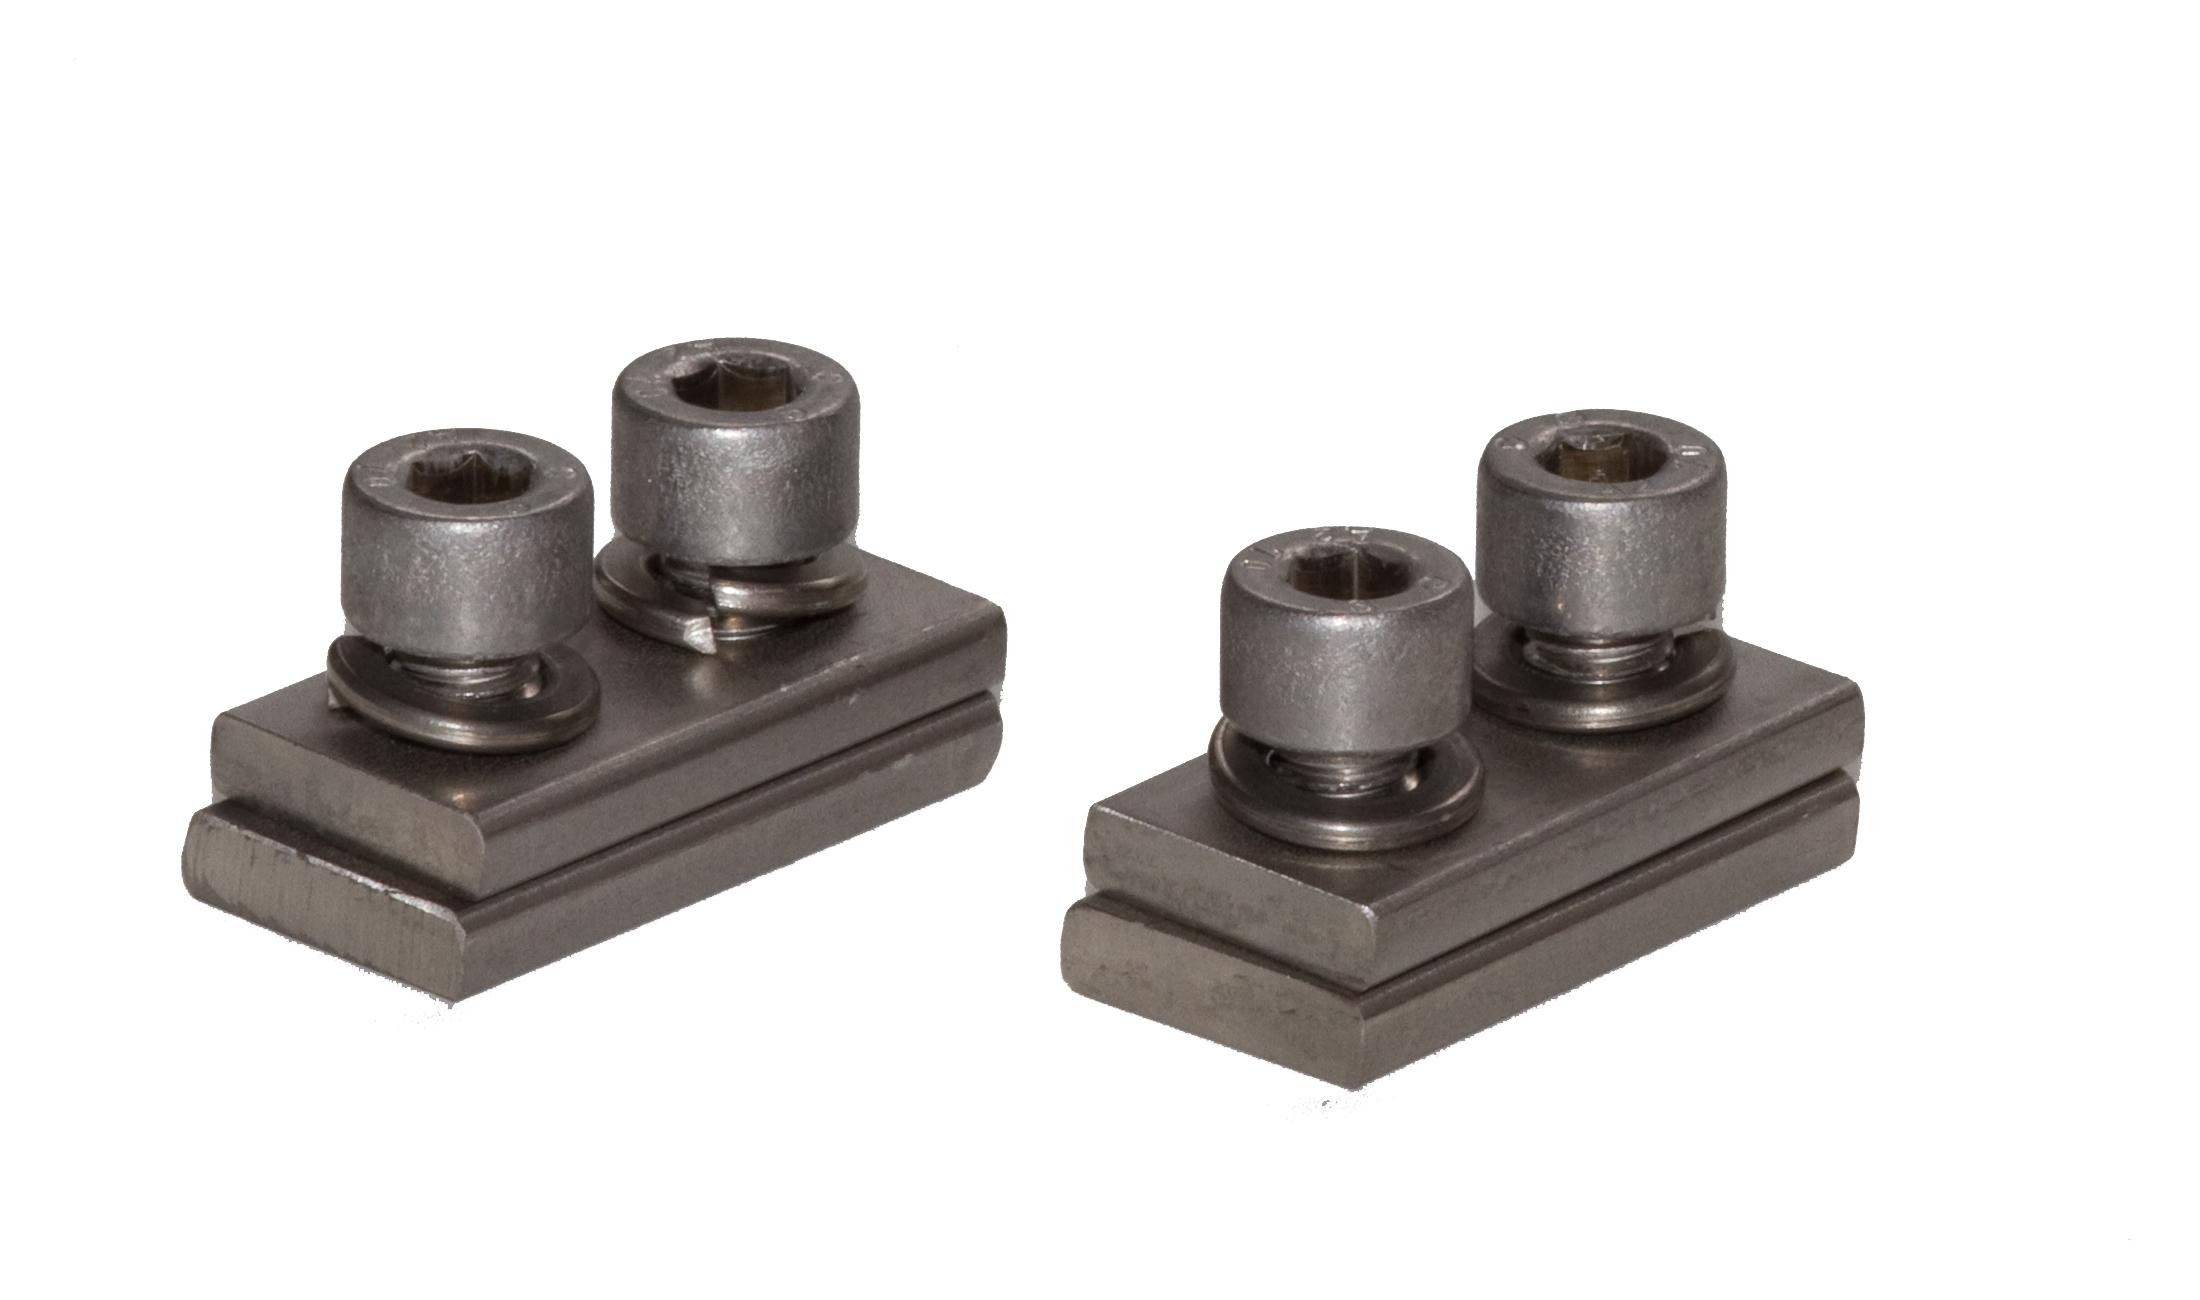 Fixation pour crémaillère pour monter la crémaillère M4 KA au profilé d'aluminiuml, en acier inoxydable, 2 pièces